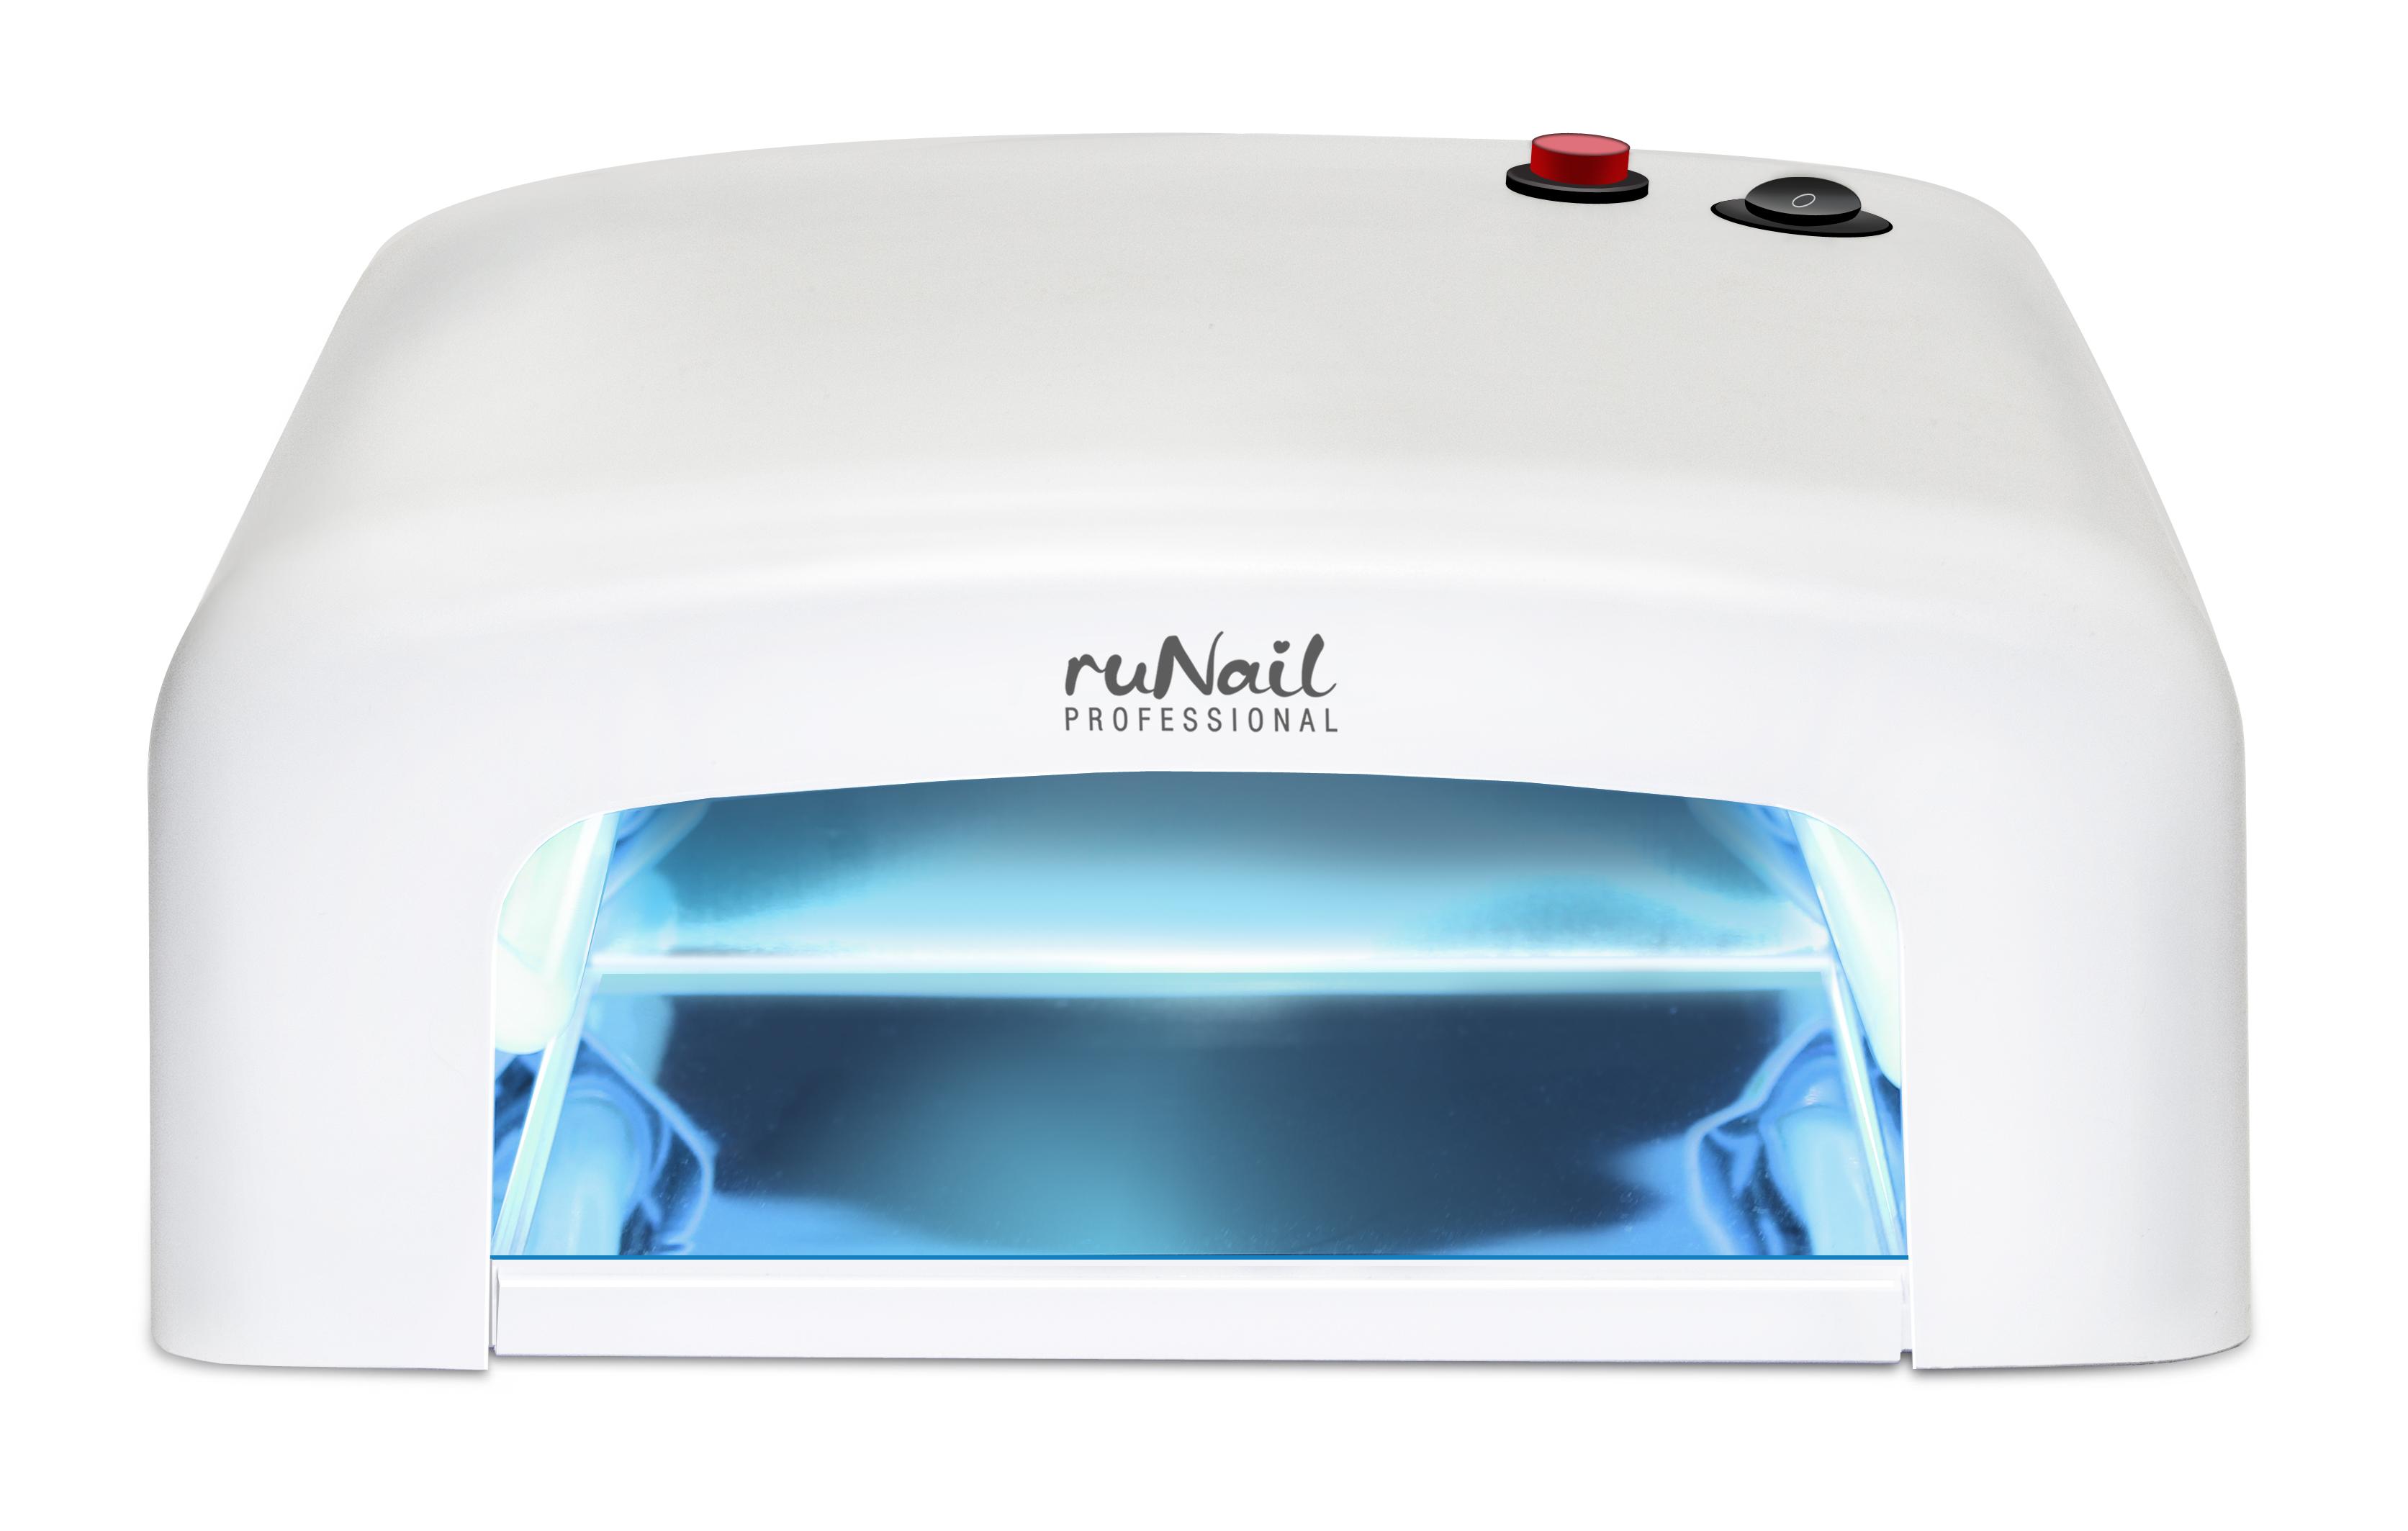 RuNail Лампа-УФ 36 Вт RU 818, таймер 120 с - Оборудование для маникюра